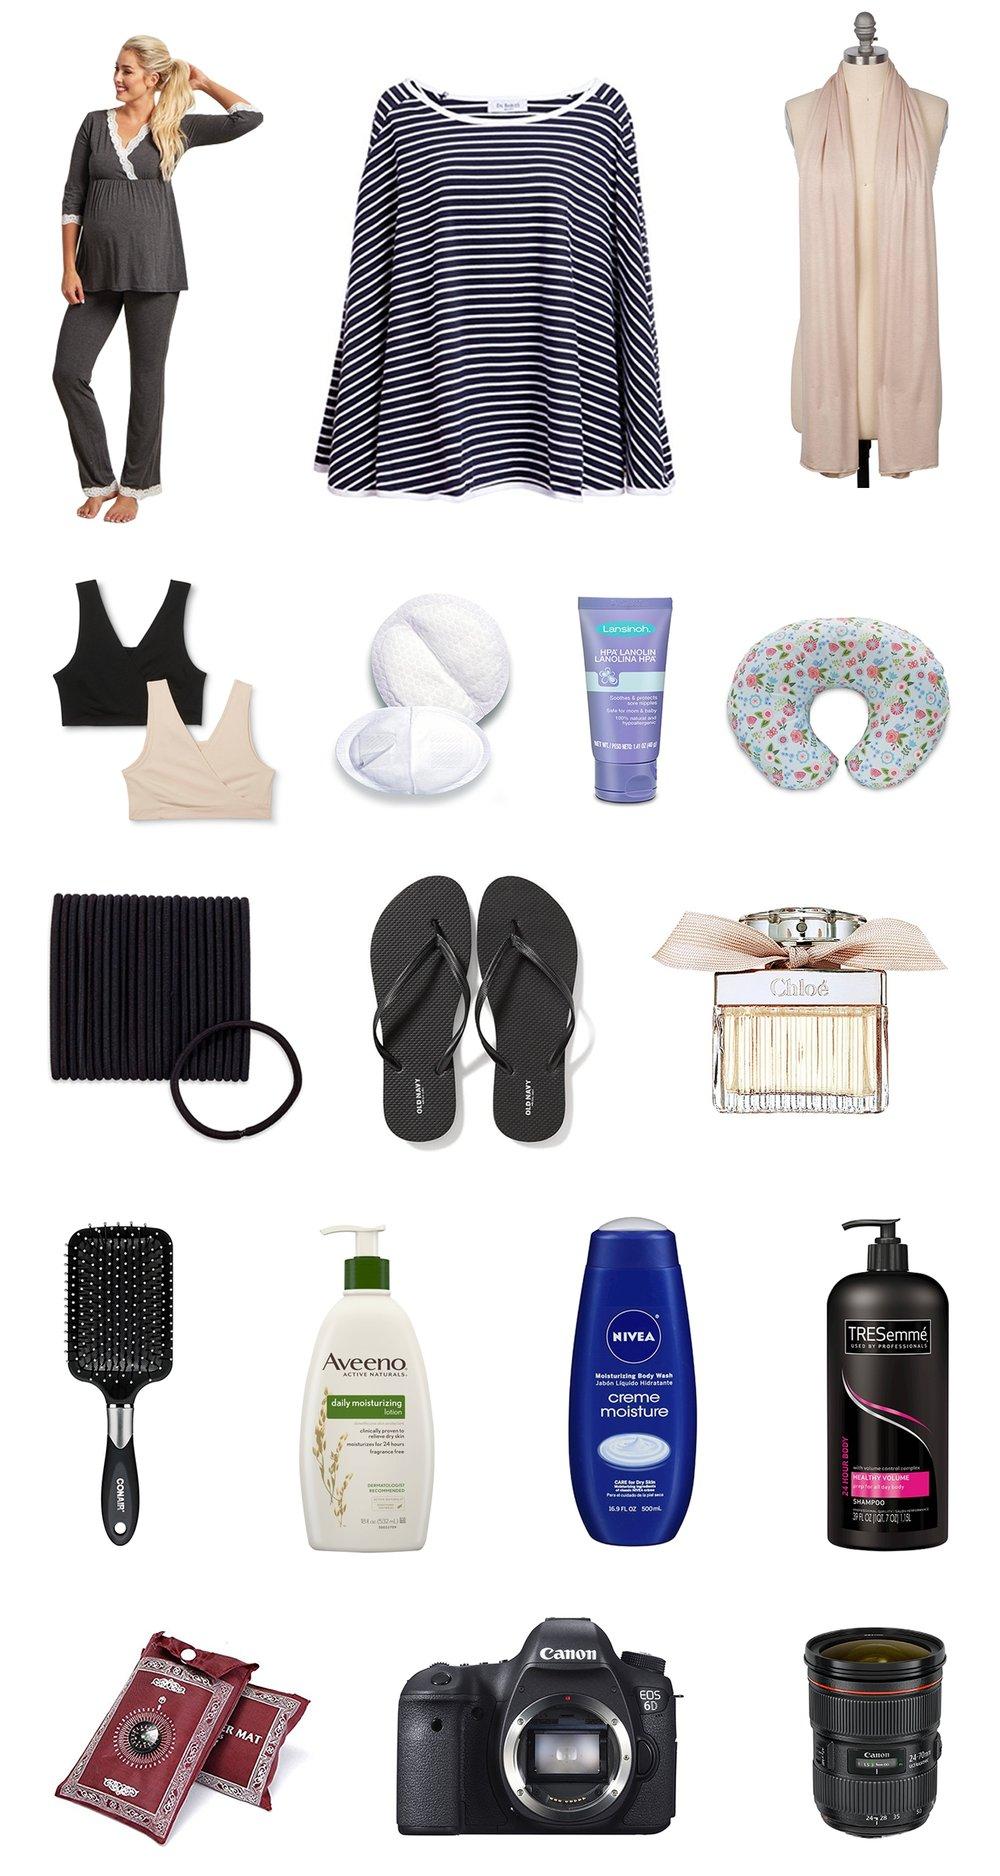 Images: Pinkblush, En Babies, Target, Amazon, Sephora, Old Navy